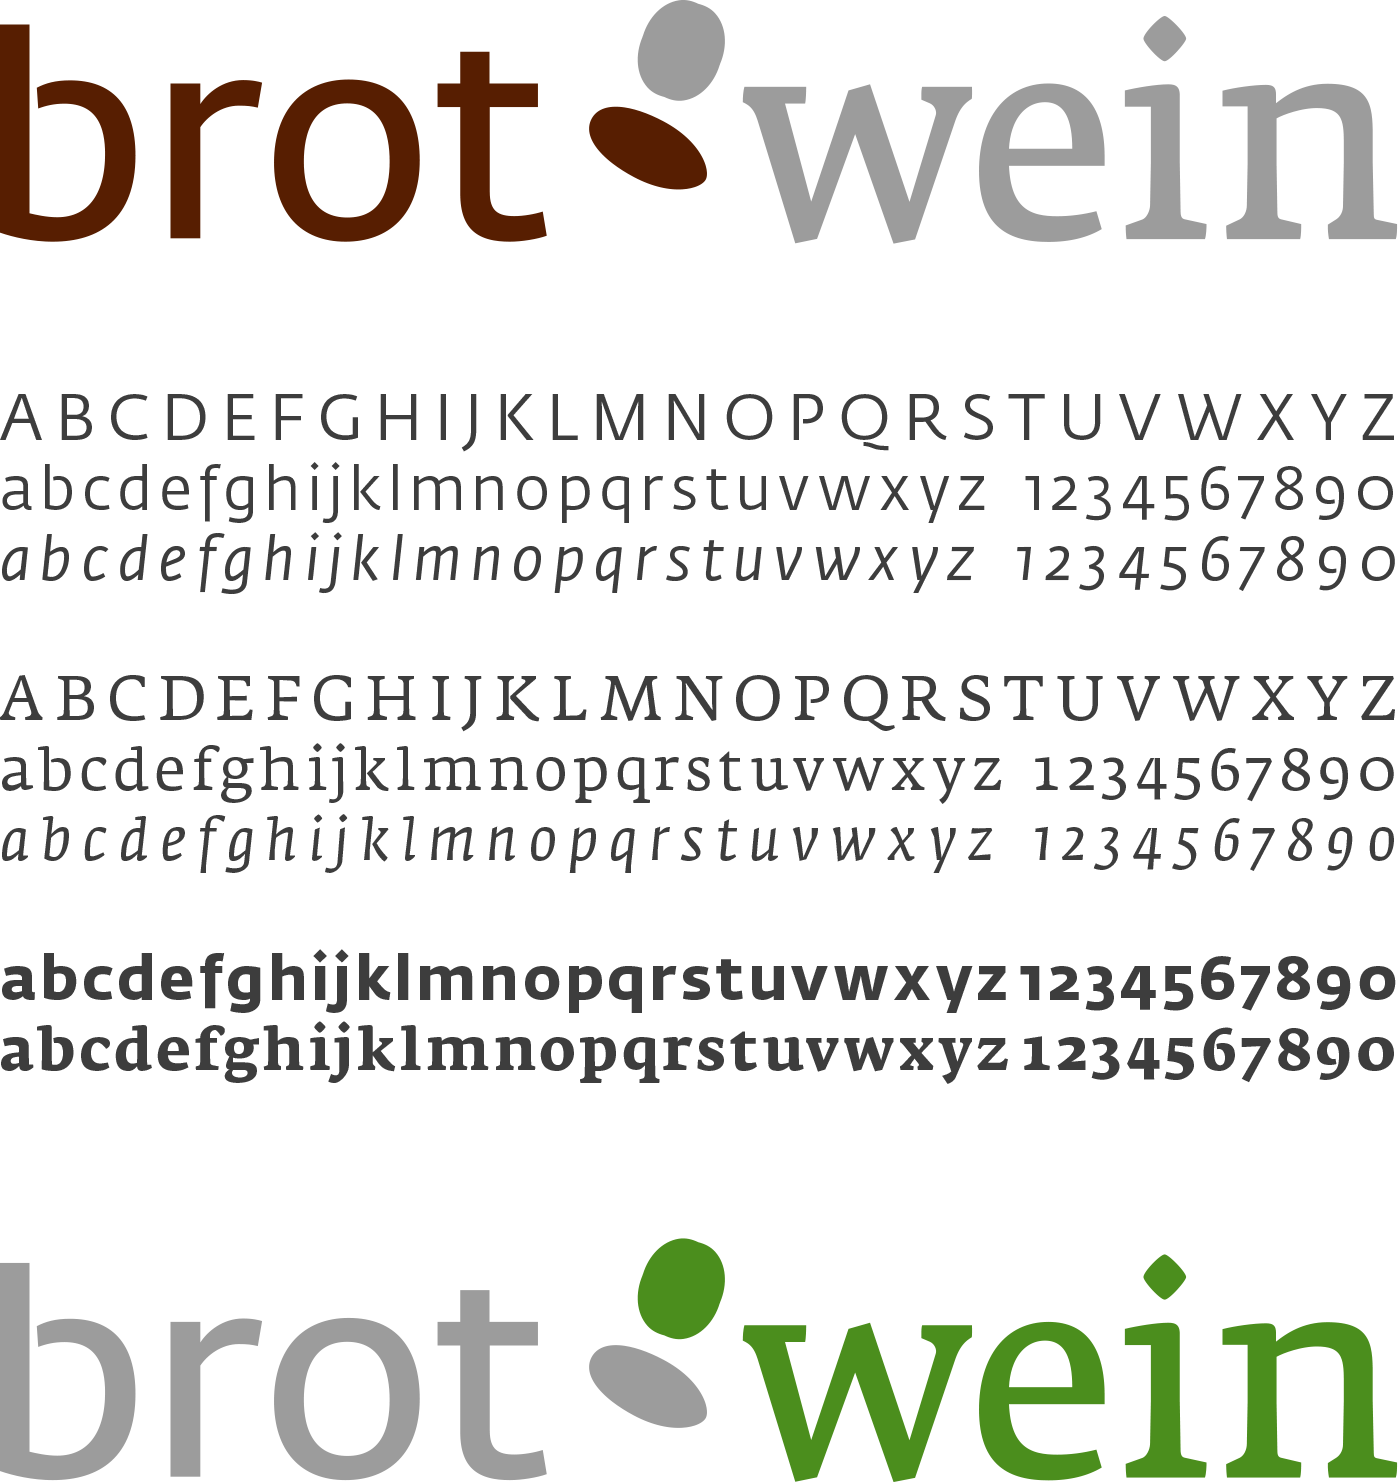 """Niederösterreichische Niederösterreichische Landesausstellung """"Brot & Wein"""", Logo und Fedra Font"""